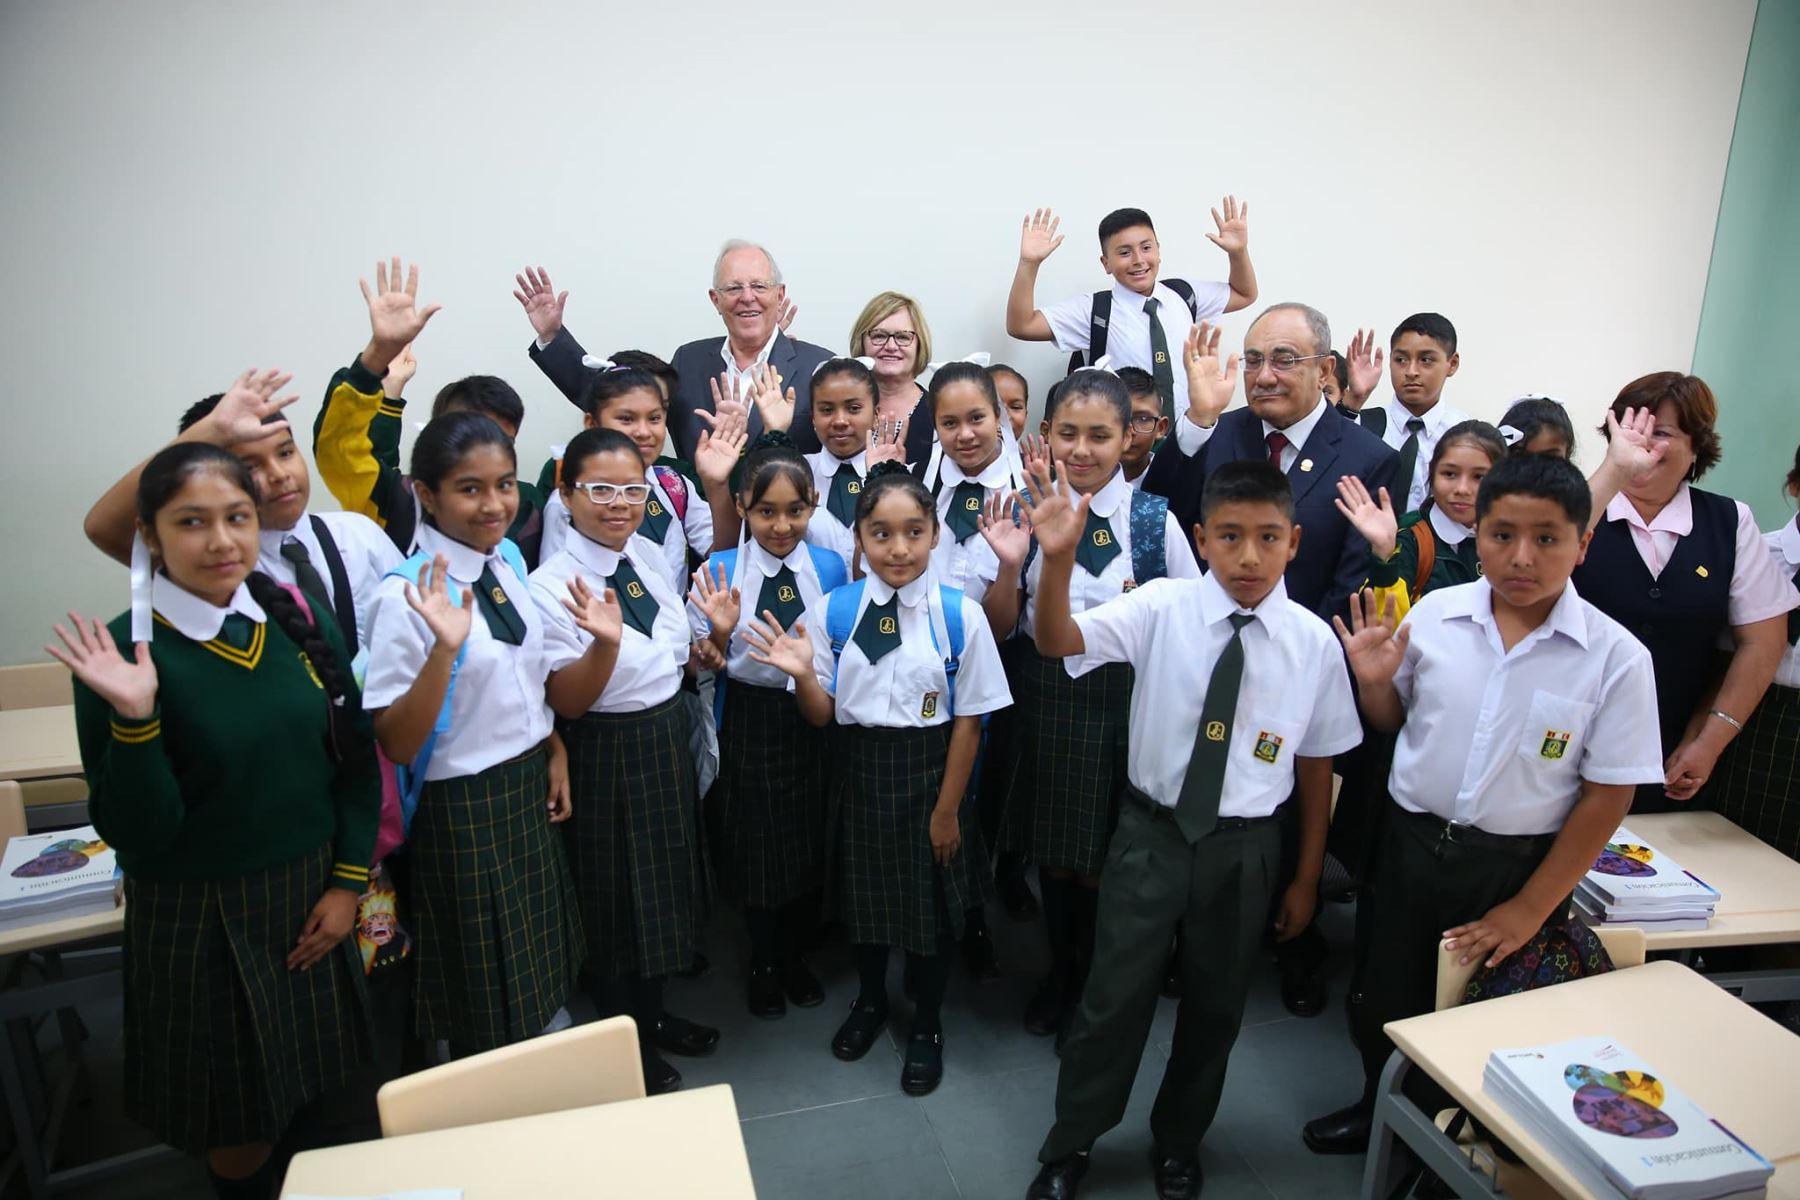 El presidente Kuczynski inauguró el año escolar con discurso a la niñez